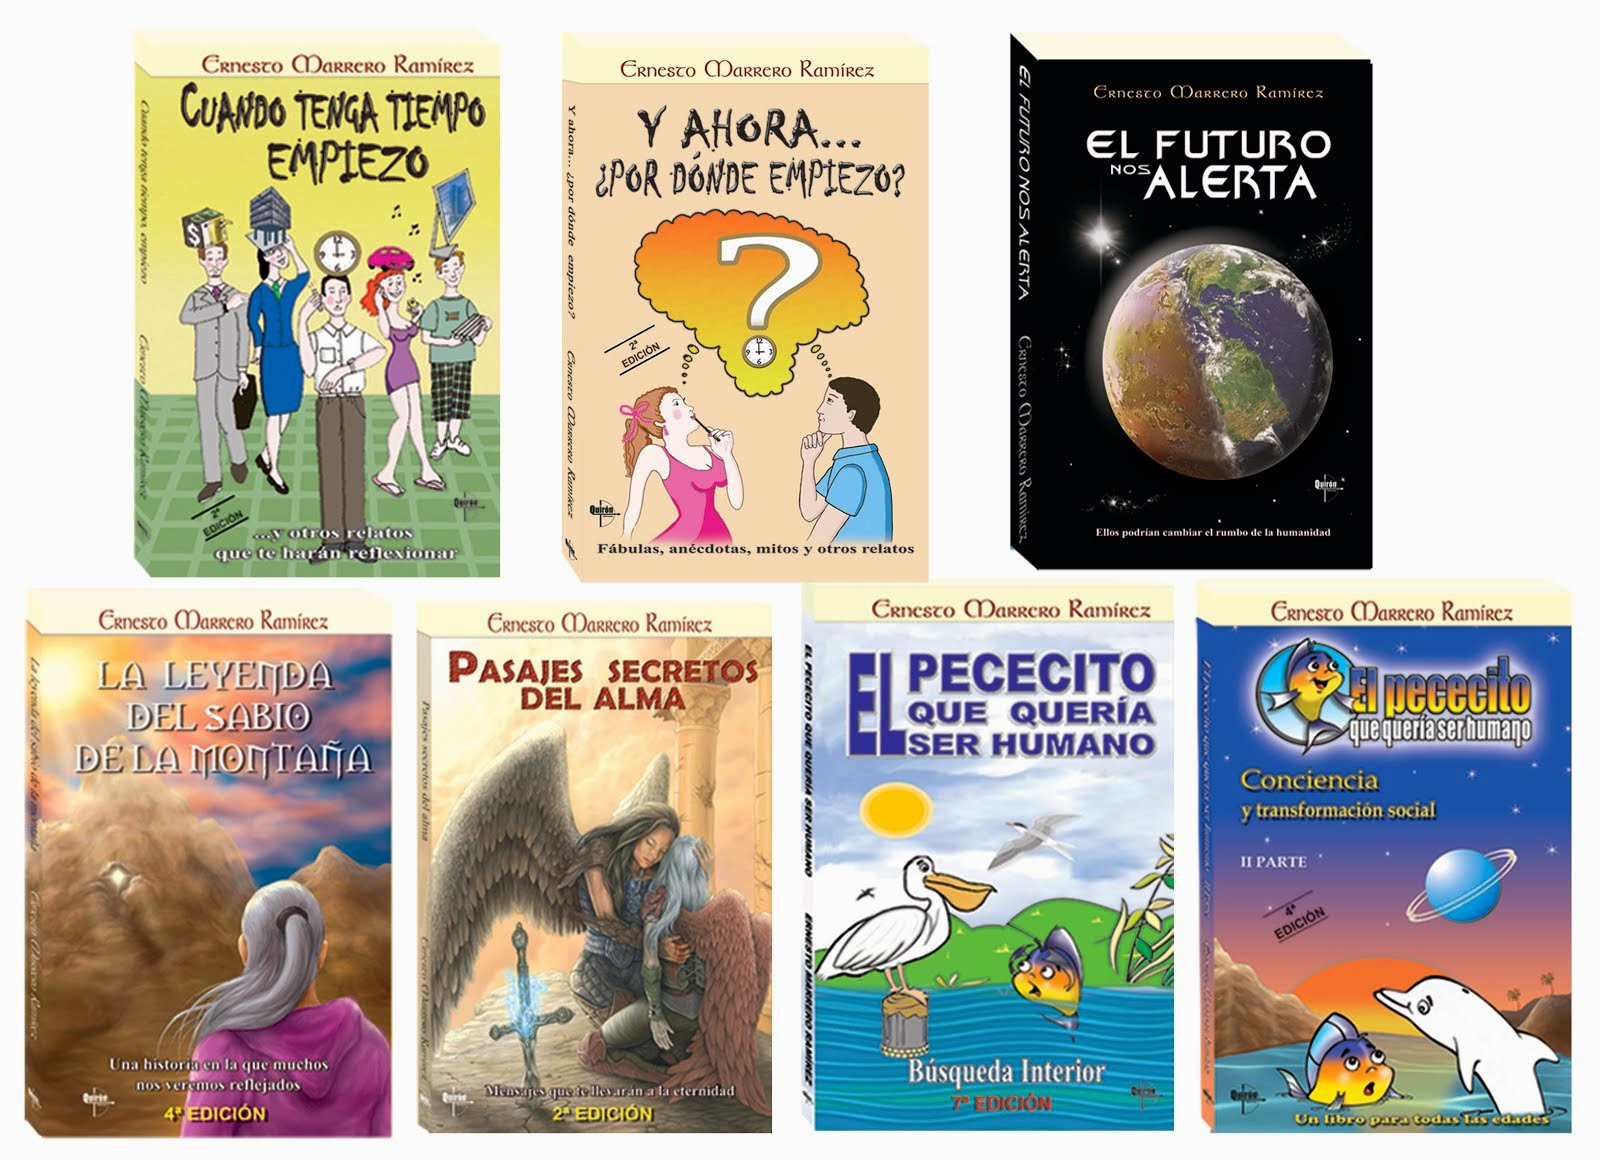 Libros Ernesto Marrero en Venezuela por Mercado Libre